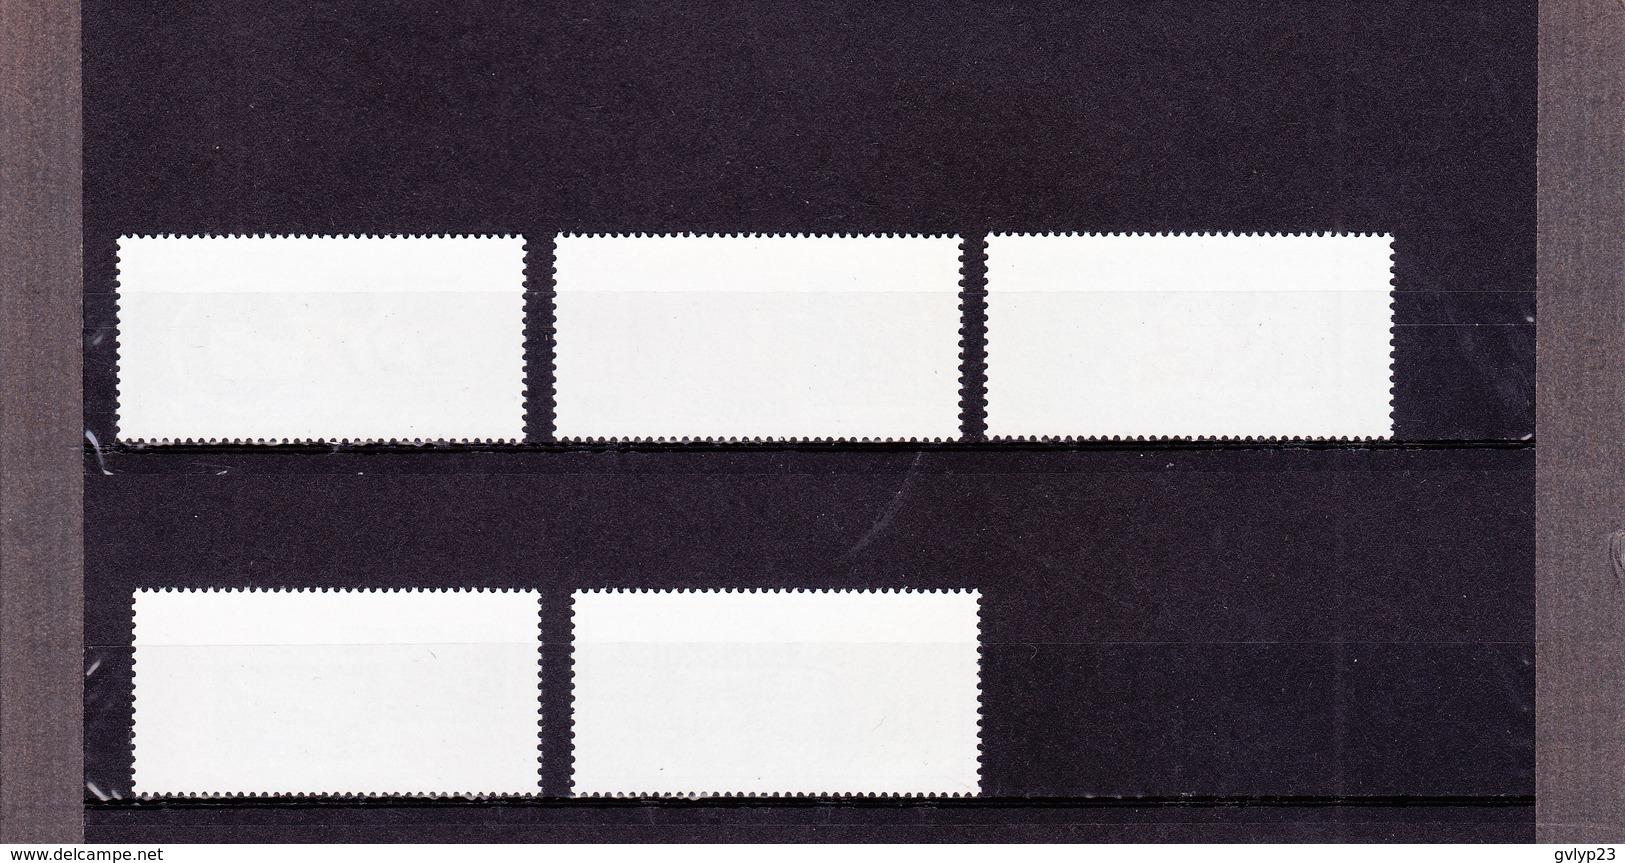 SENEGAL/CENTENAIRE DU TIMBRE-POSTE SENEGALAIS/ NEUF **/ 5 VALEURS /N°698/702 YVERT ET TELLIER 1987 - Stamps On Stamps